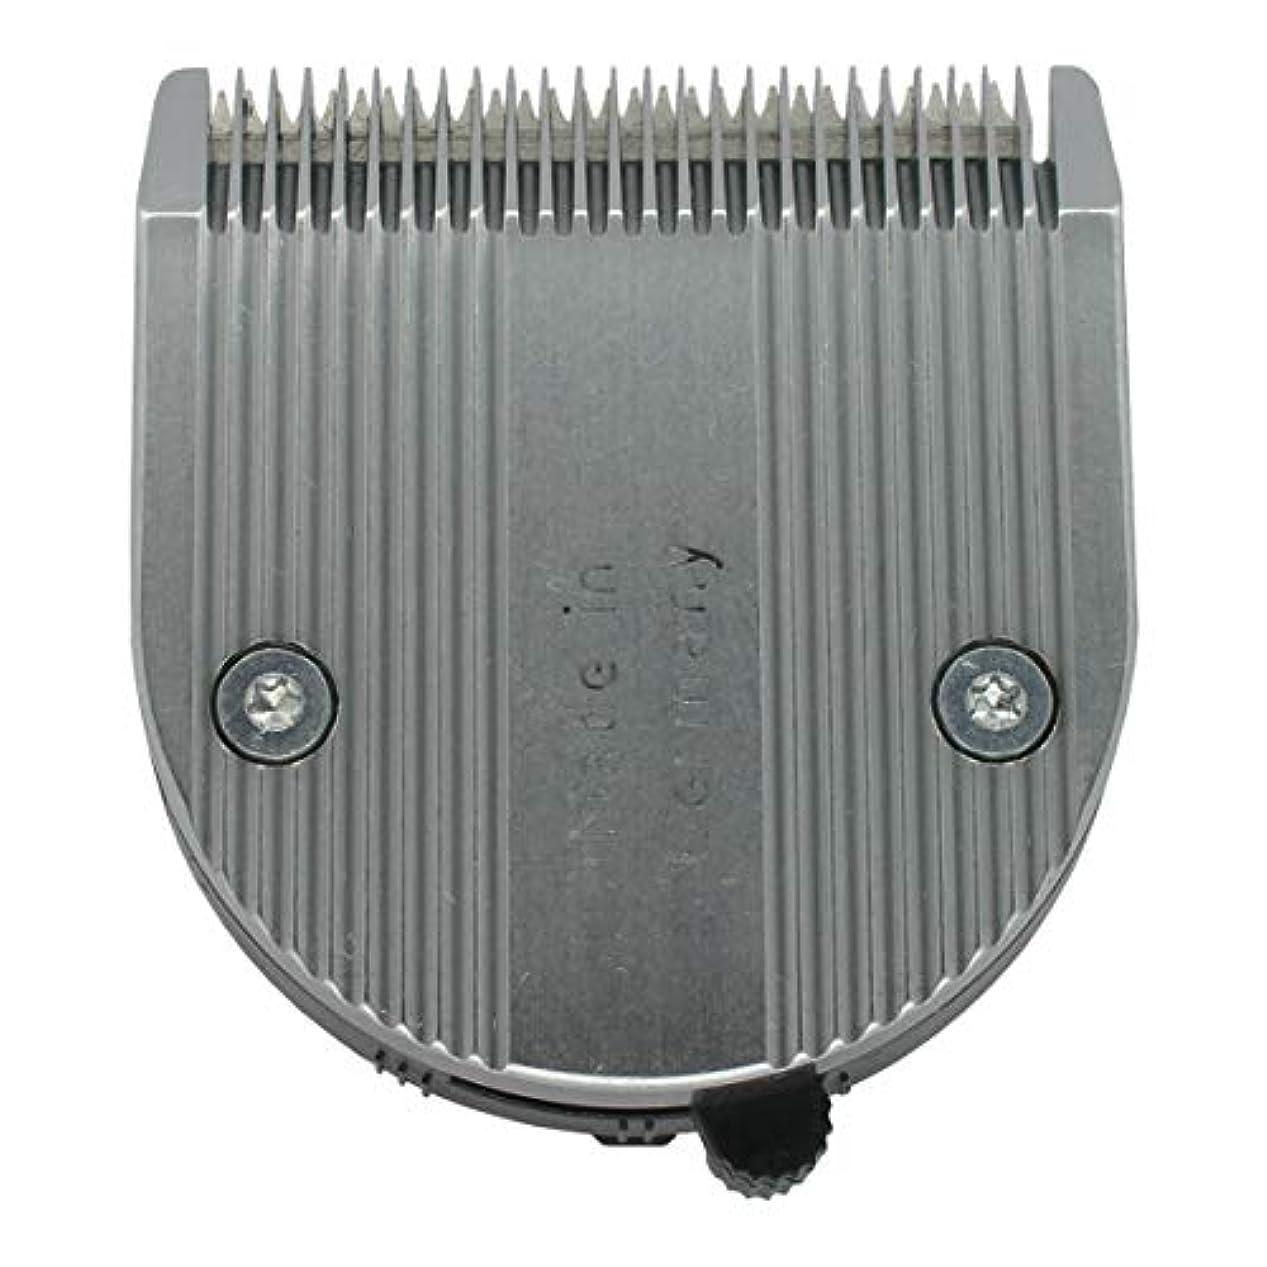 量で誇張する熱帯のWAHL クロムスタイル/ベリッシマ用替刃 可変0.6~3mm KM1854-7505